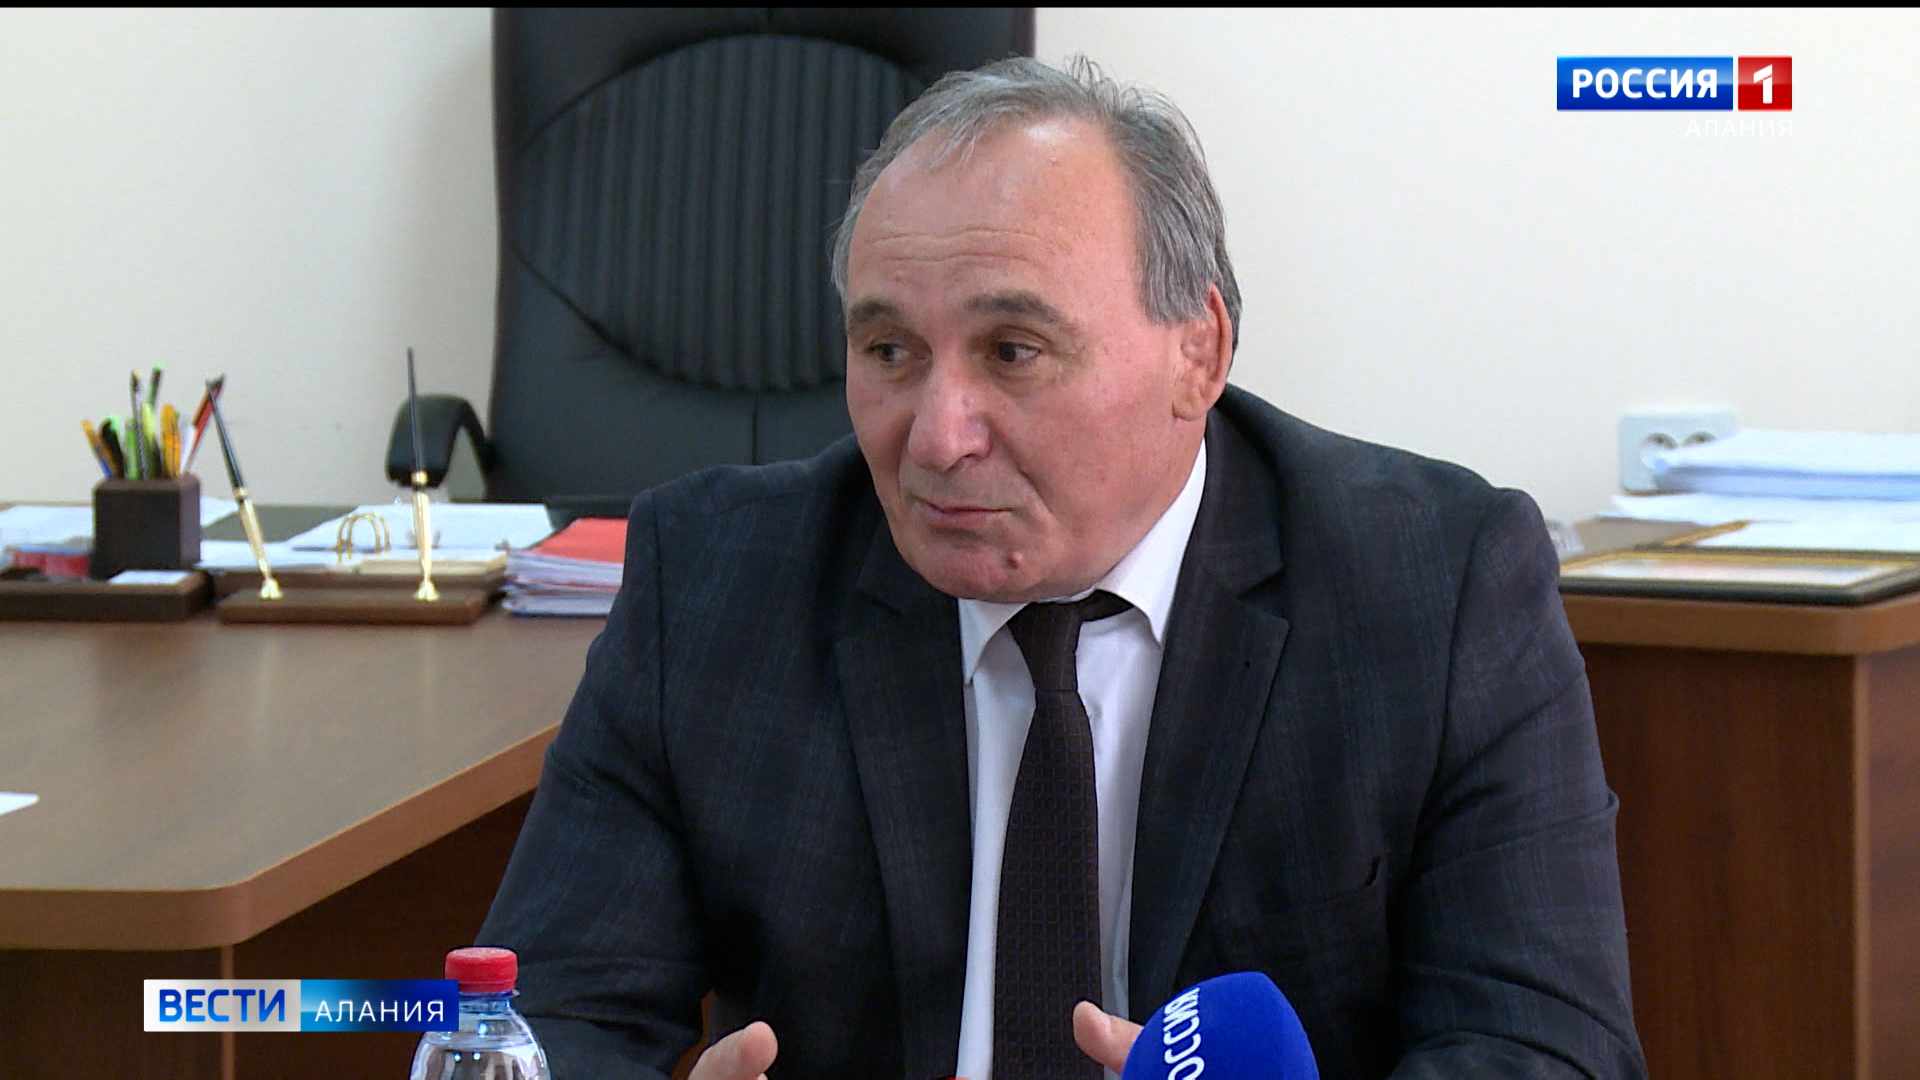 В Северной Осетии увеличилось поголовье домашнего скота и выпуск фермерской продукции — Минсельхоз